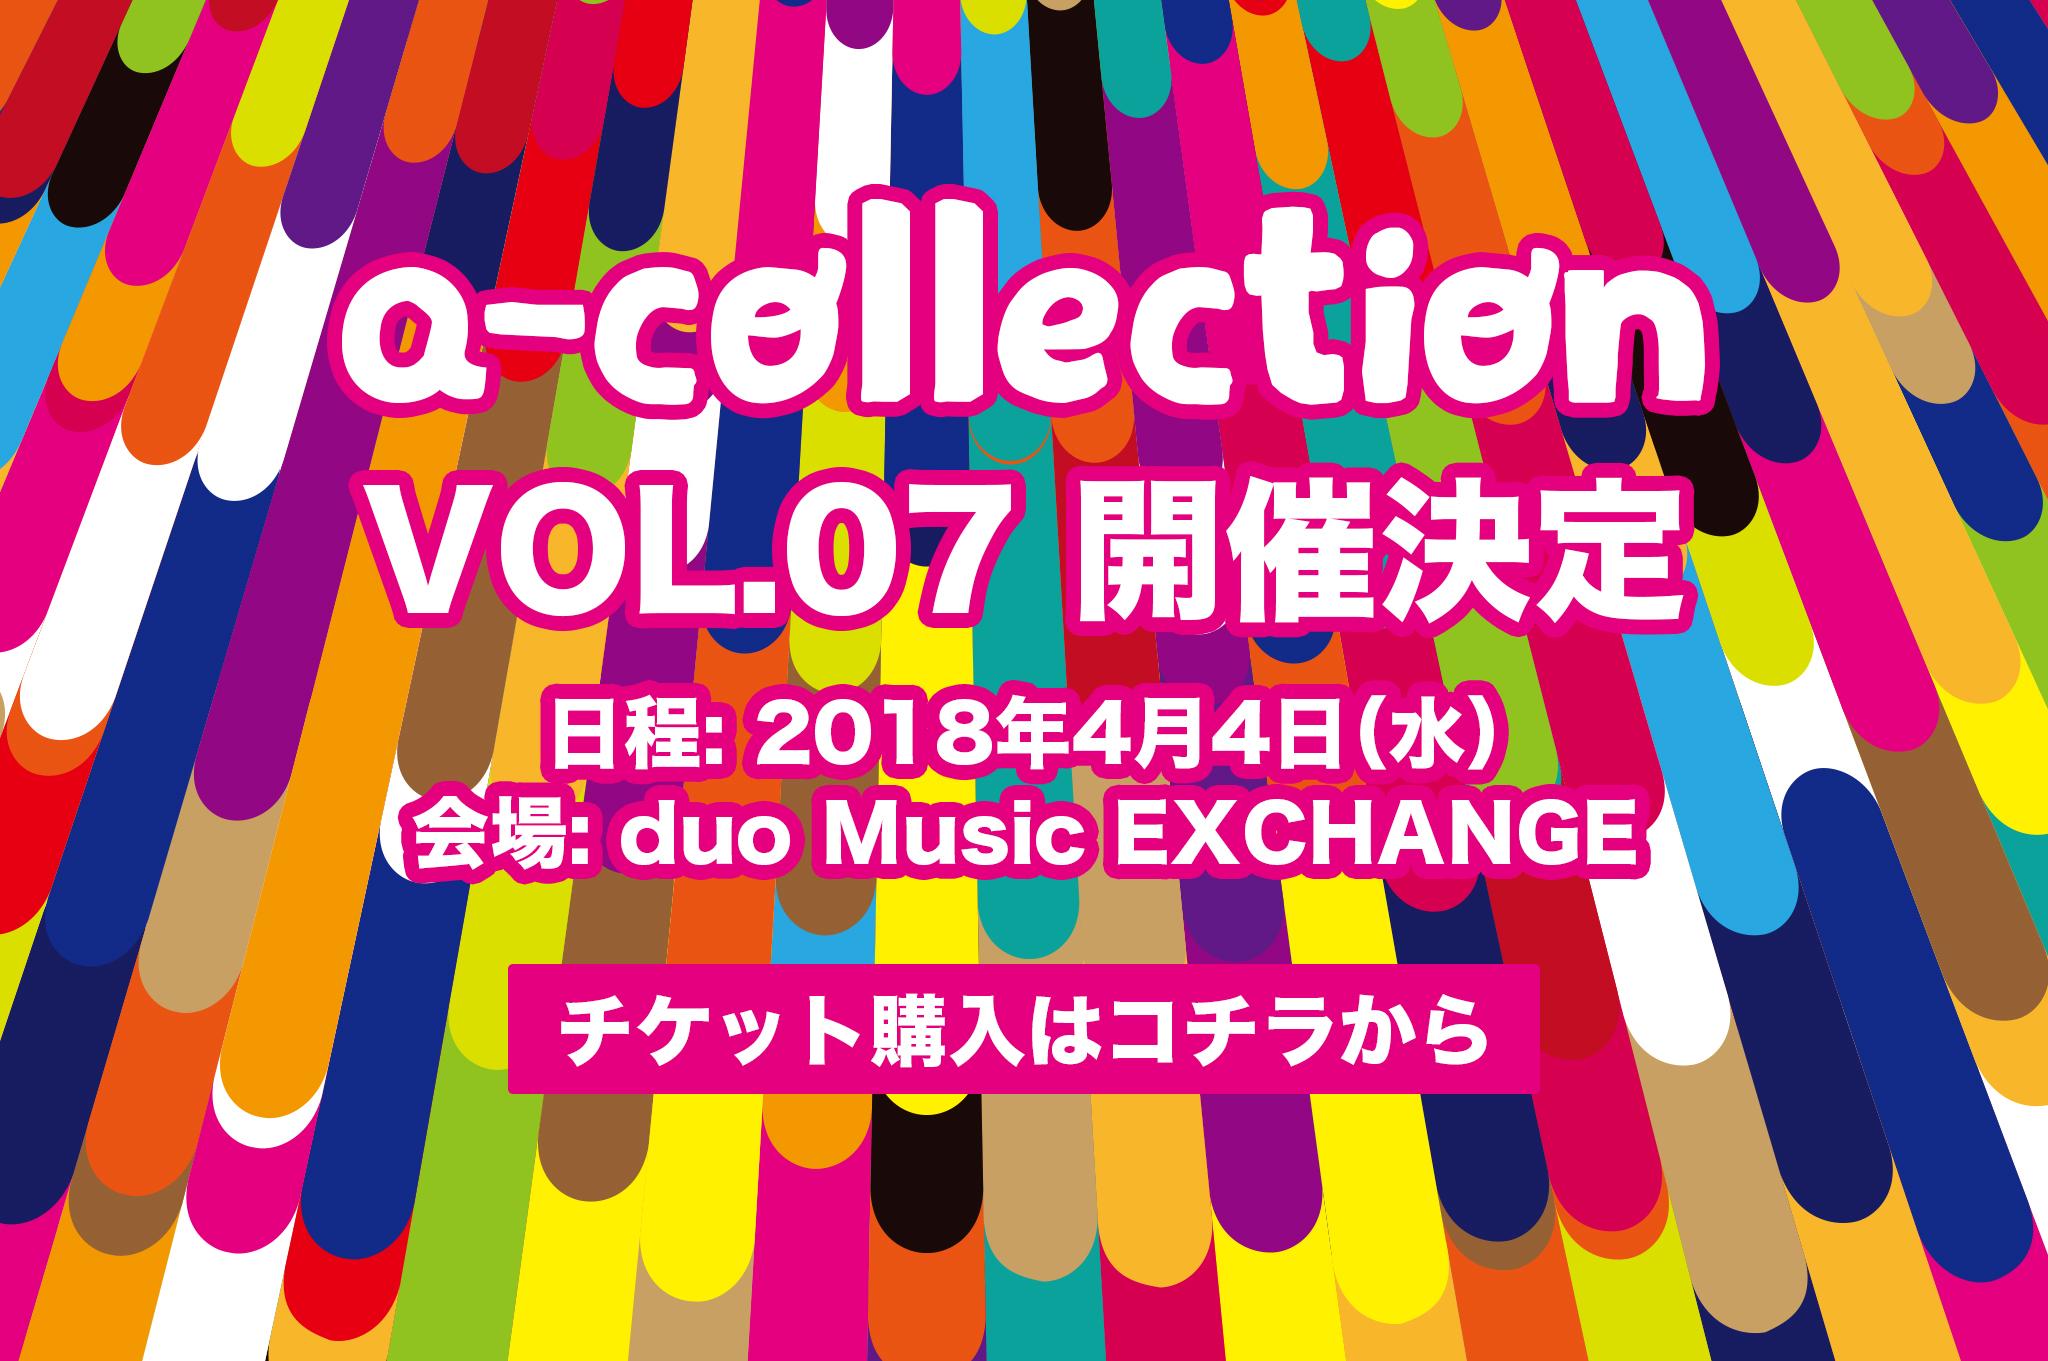 【イベント情報】「a-collection vol.7」メインMC出演決定!